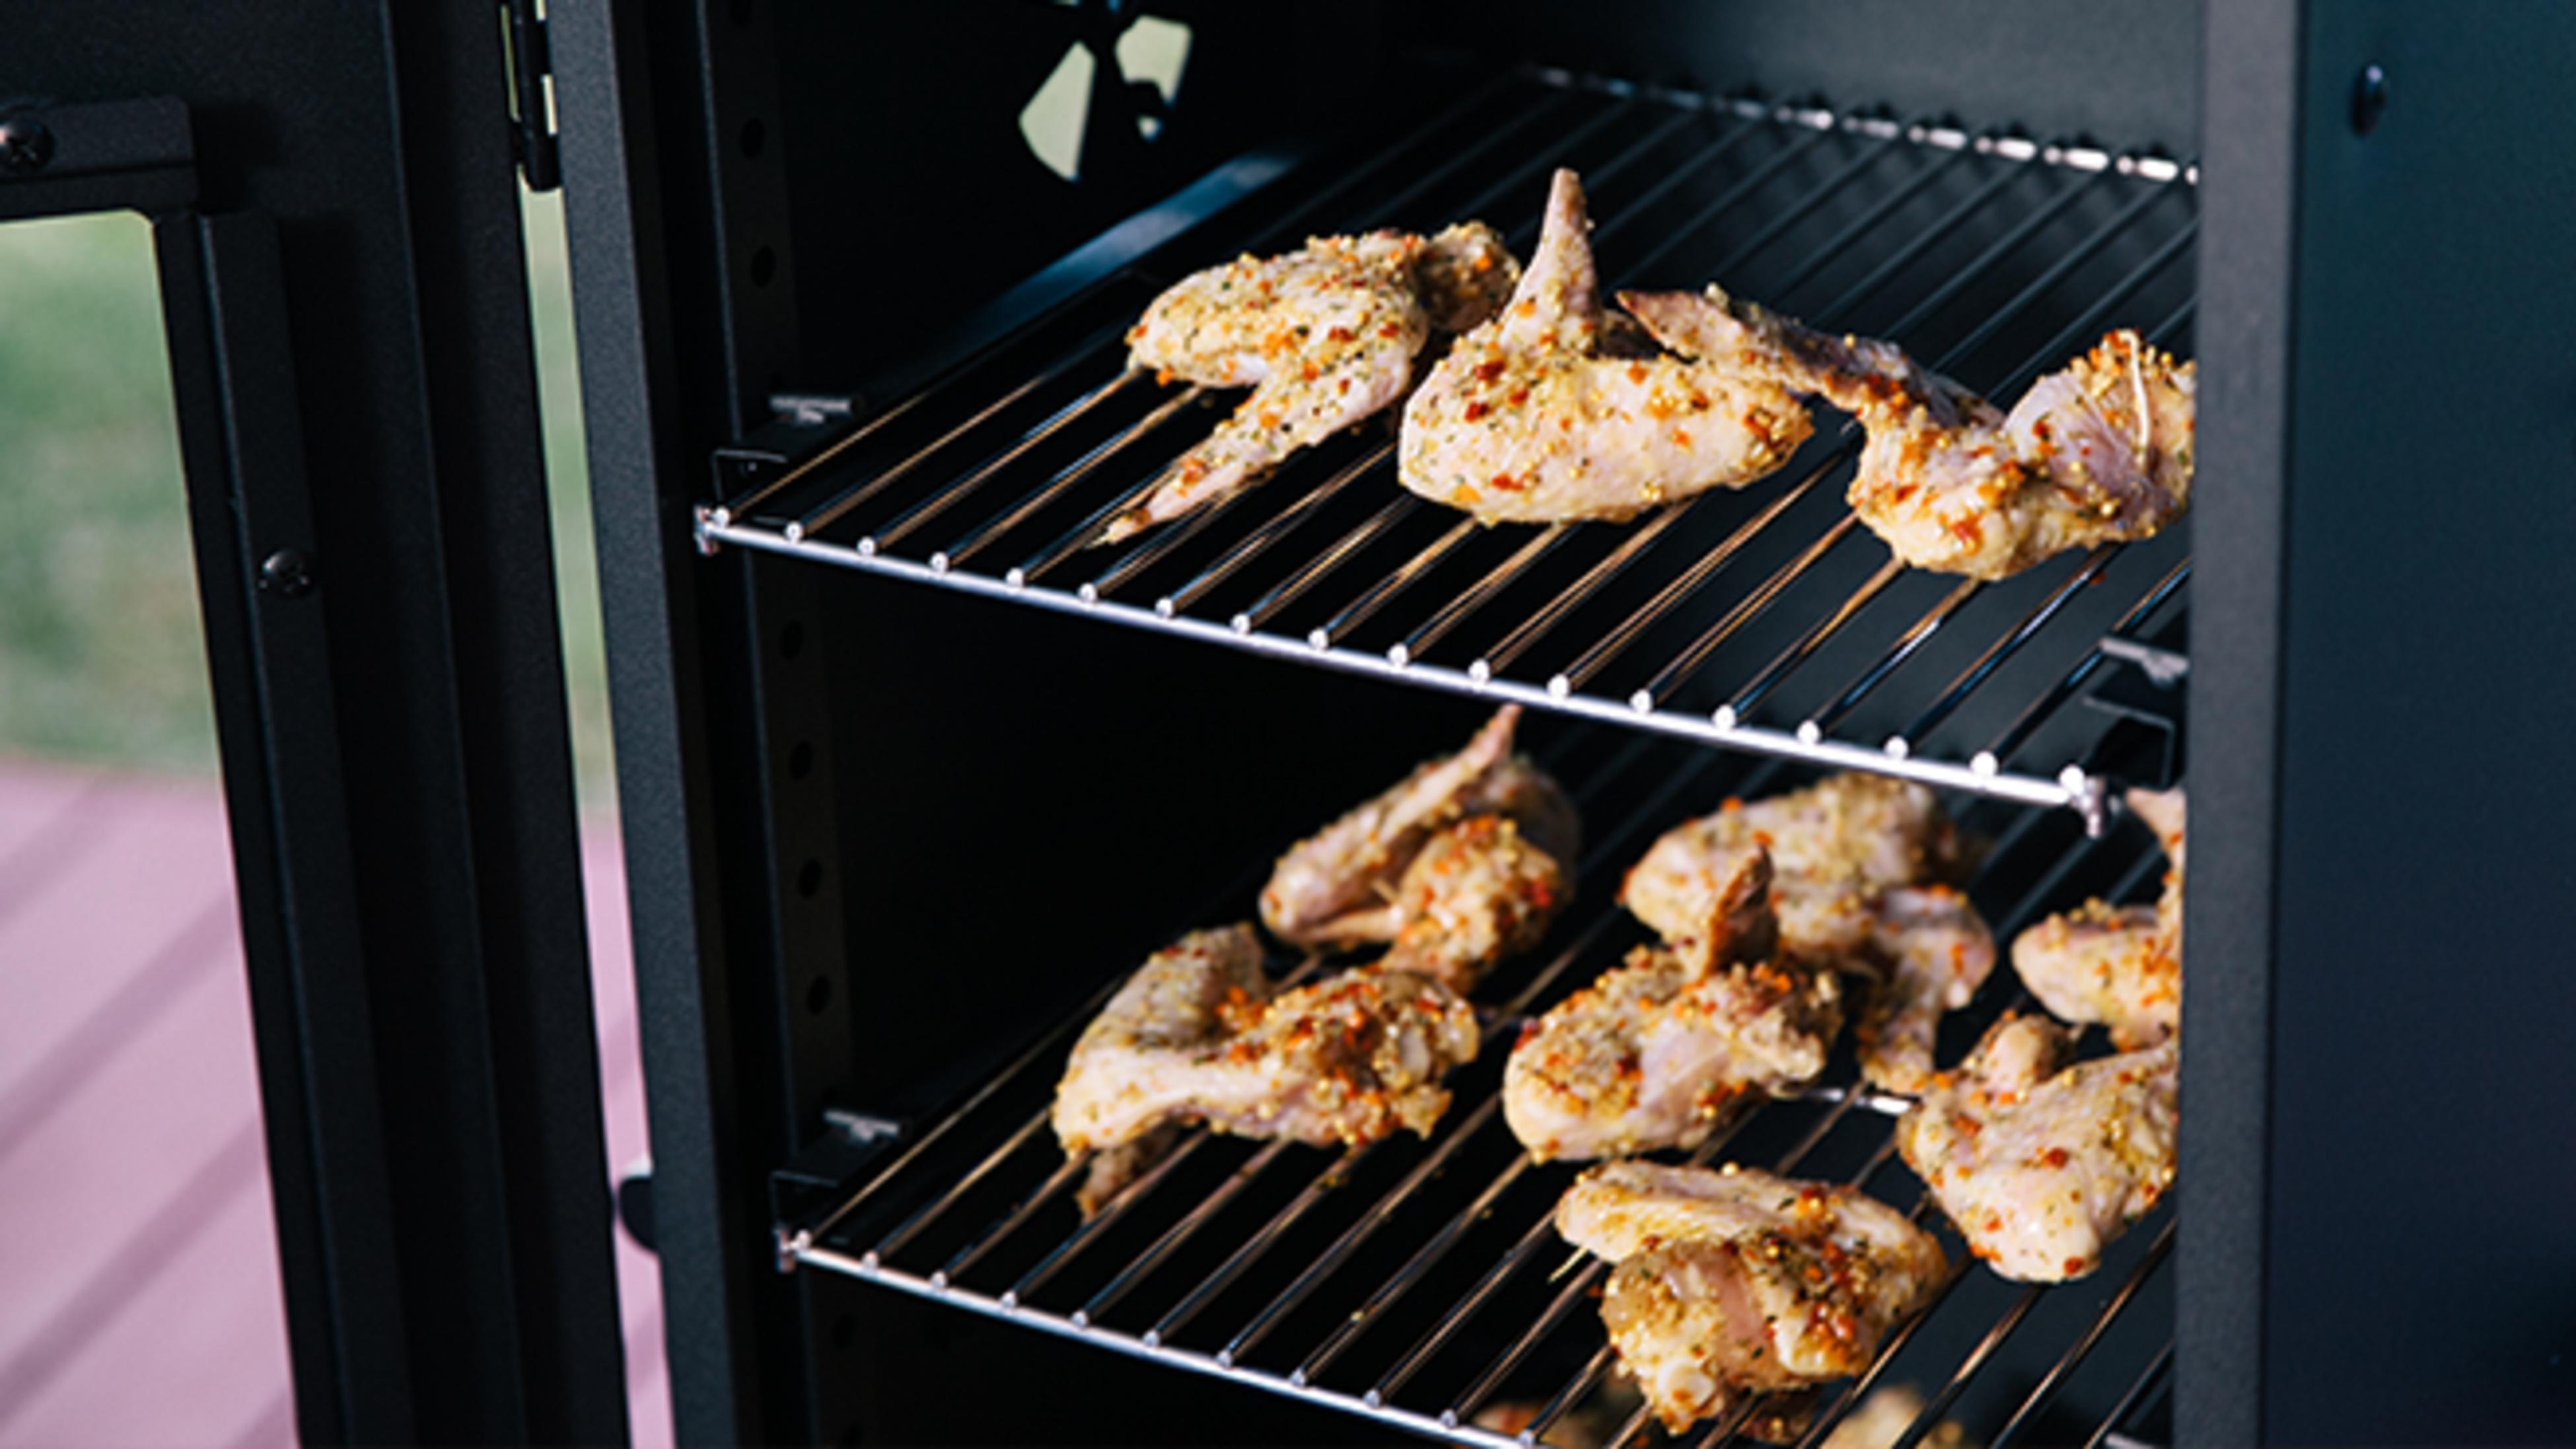 Raw chicken on racks in smoker.